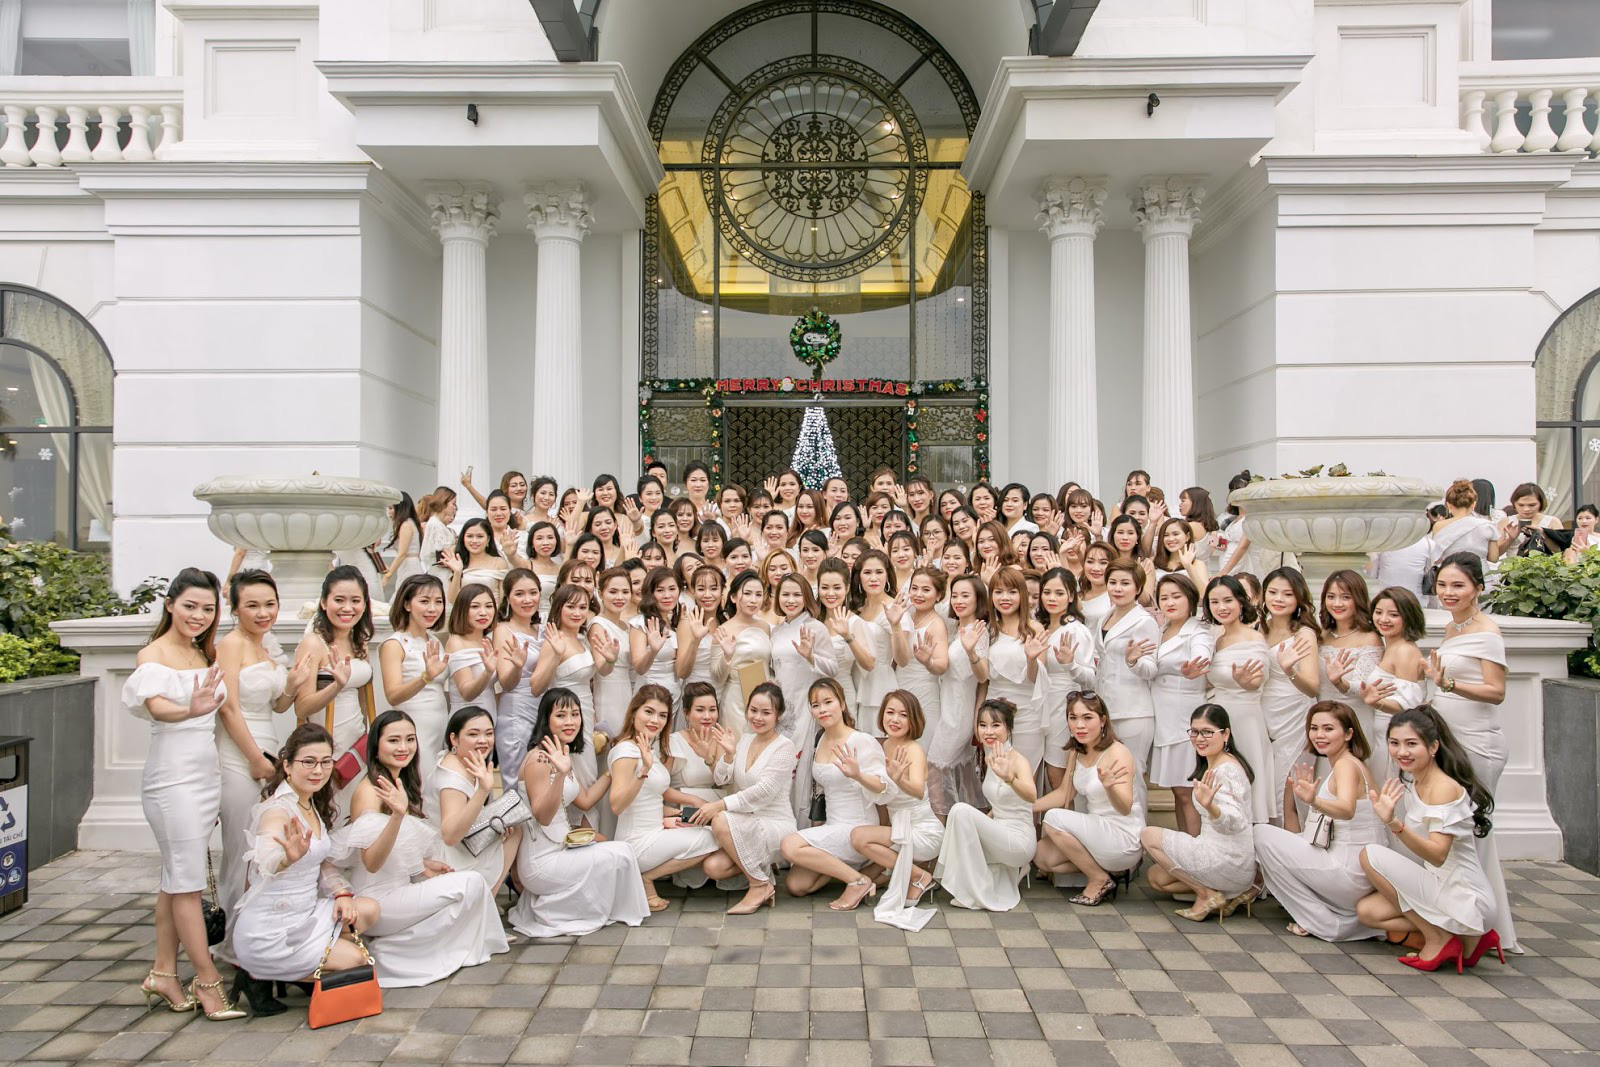 Đại tiệc cuối năm LP Natural Việt Nam: Quy tụ dàn sao khủng, hàng ngàn đại lý cùng nhau đổ về Quảng Bình - Ảnh 2.